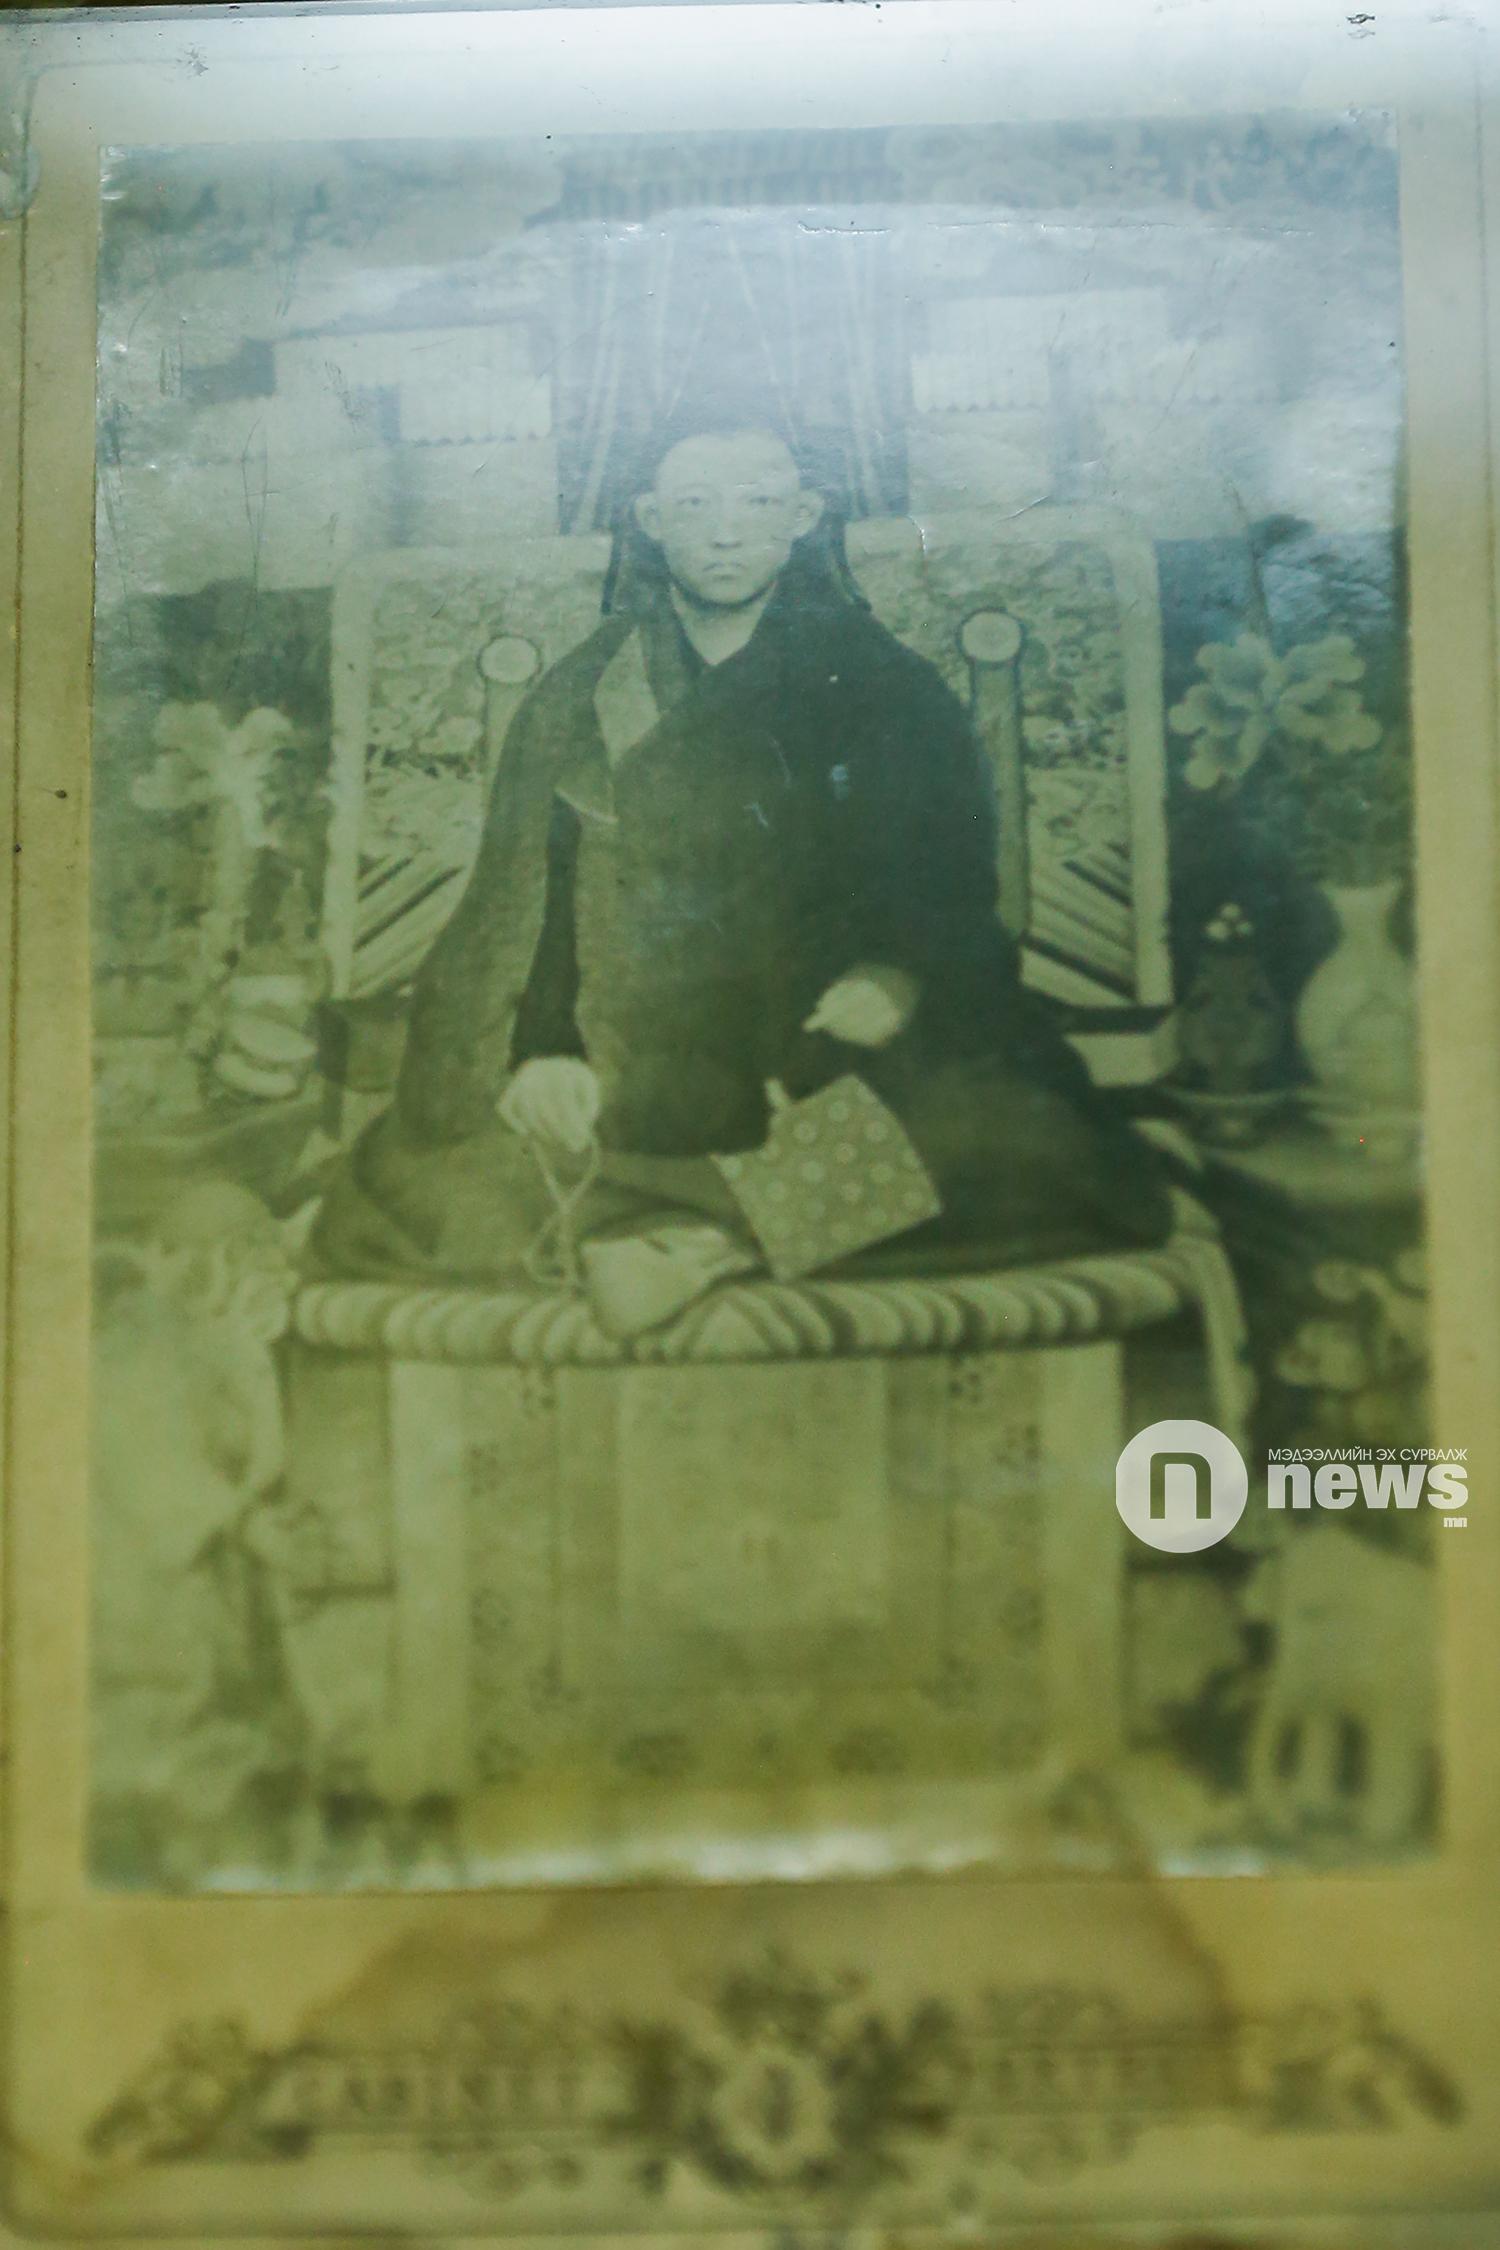 МОНГОЛ УЛСЫН ХААН НАЙМДУГААР БОГД ЖИБЗУНДАМБА ХУТАГТ 150 жилийн ойн үзэсгэлэн (31)